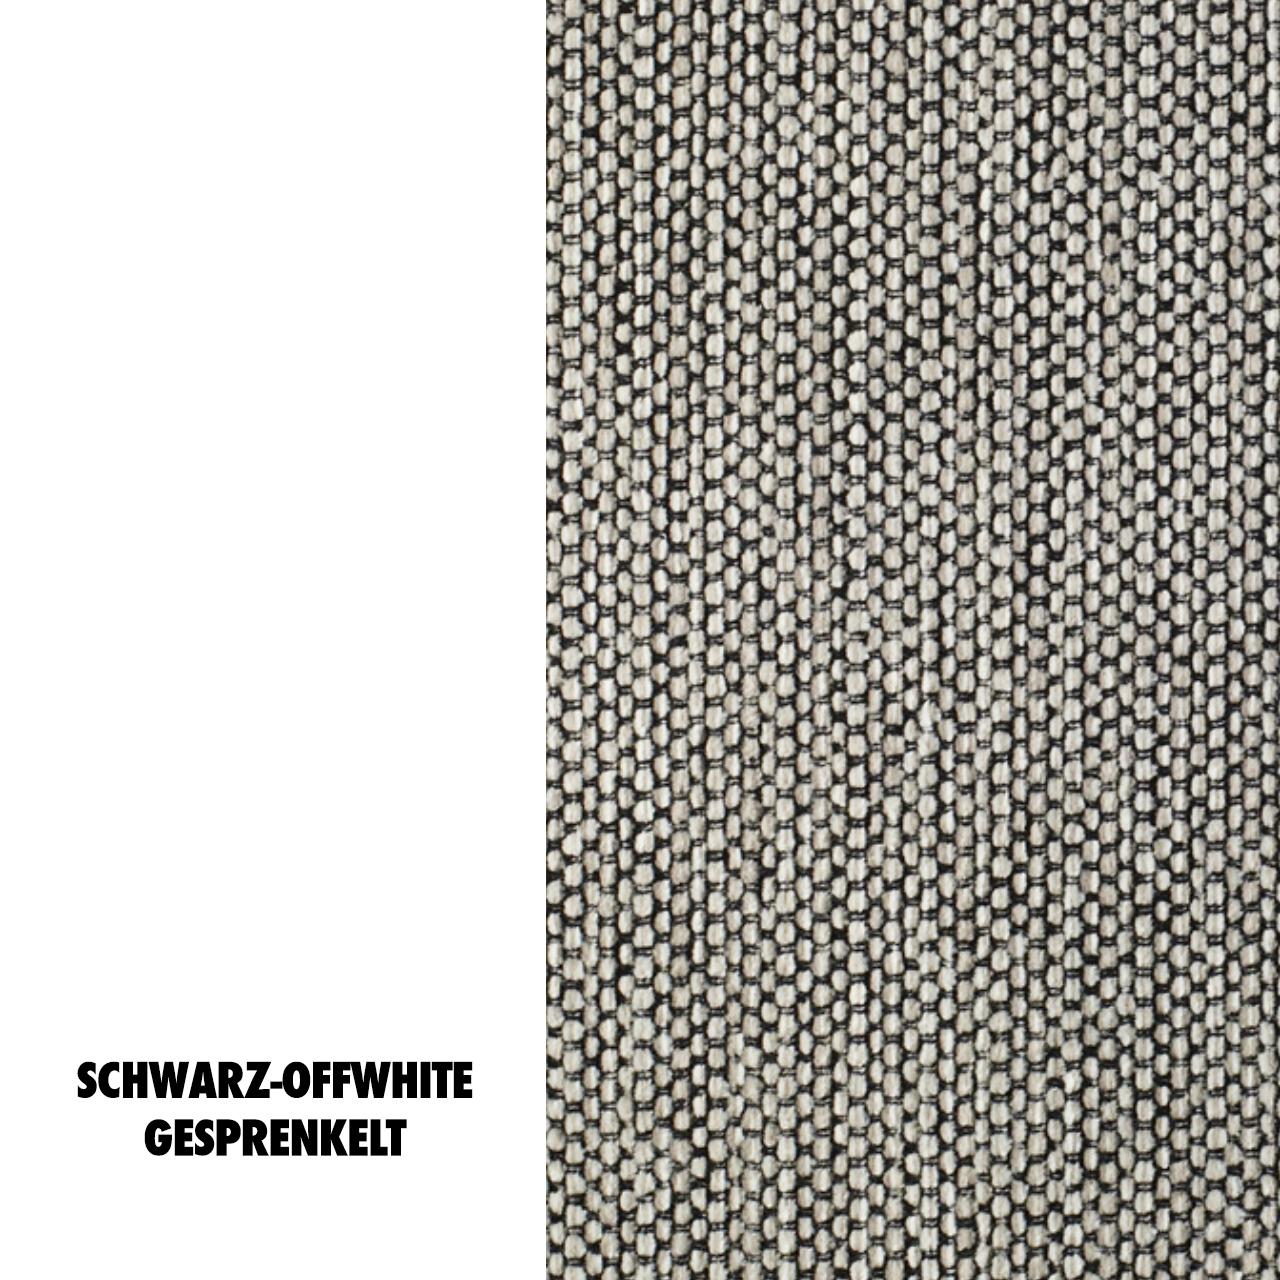 Stoffmuster Eilersen Termoli 127 Schwar-Offwhite gesprenkeltt